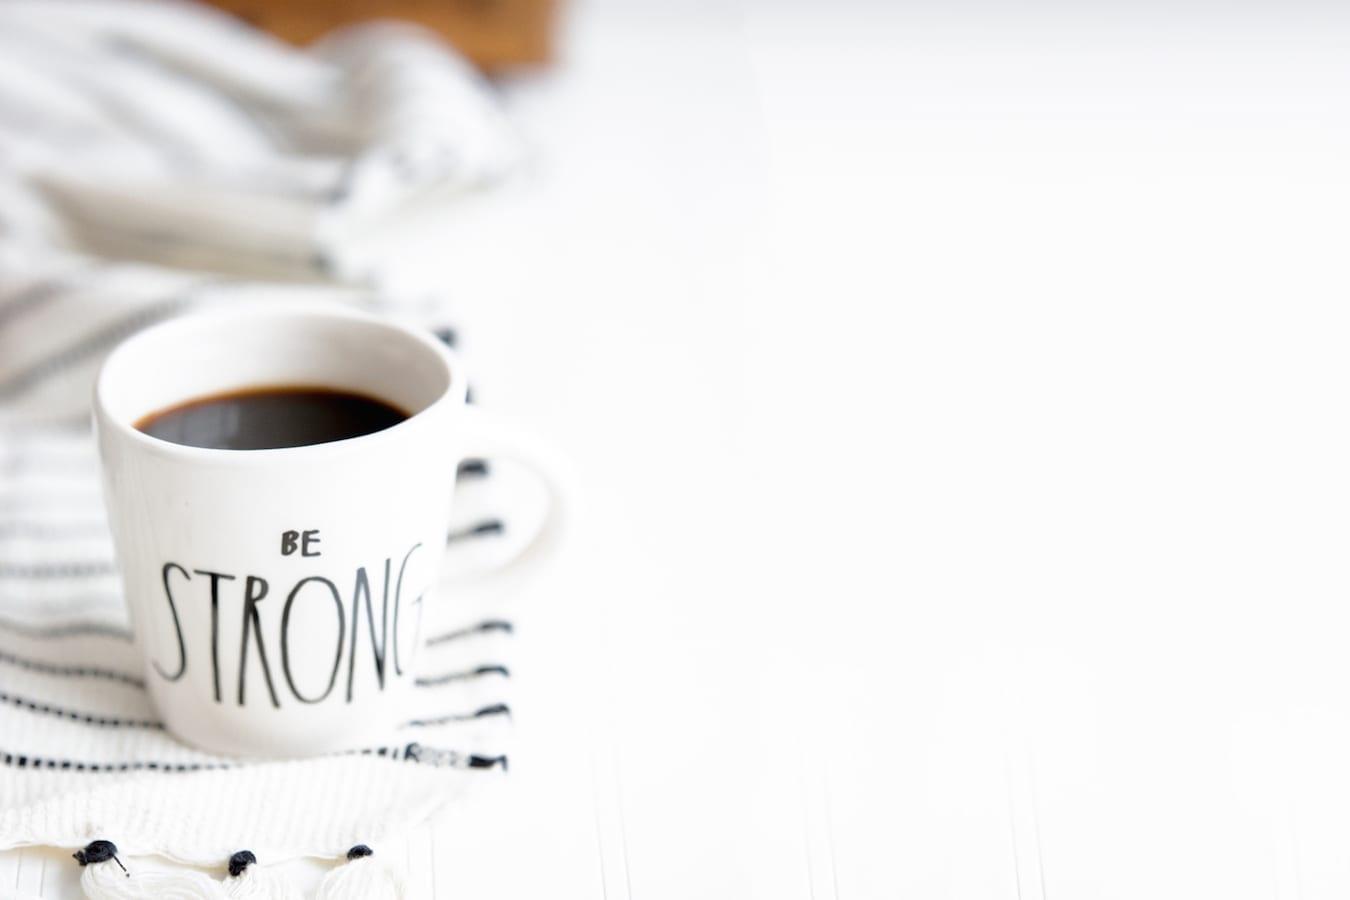 Résolutions professionnelles: 7 conseils pour persévérer